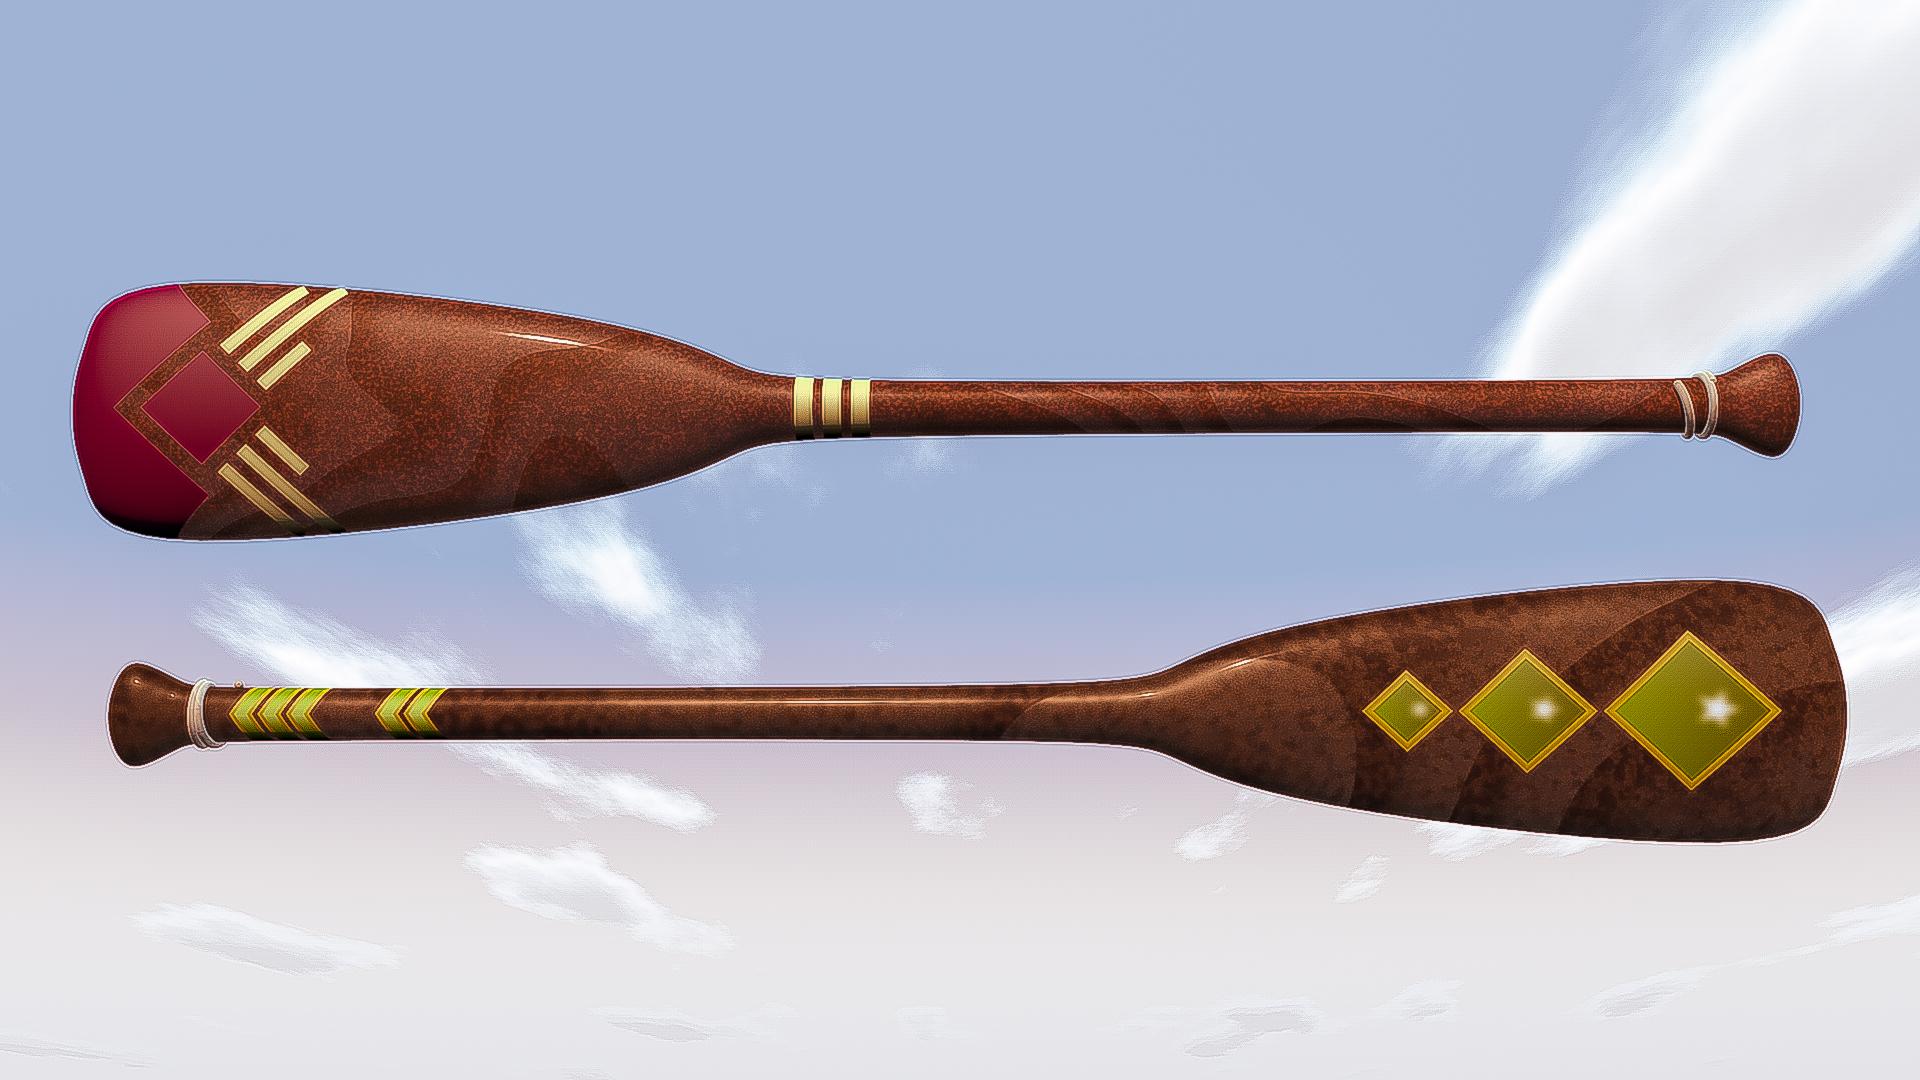 Paddles-1.jpg